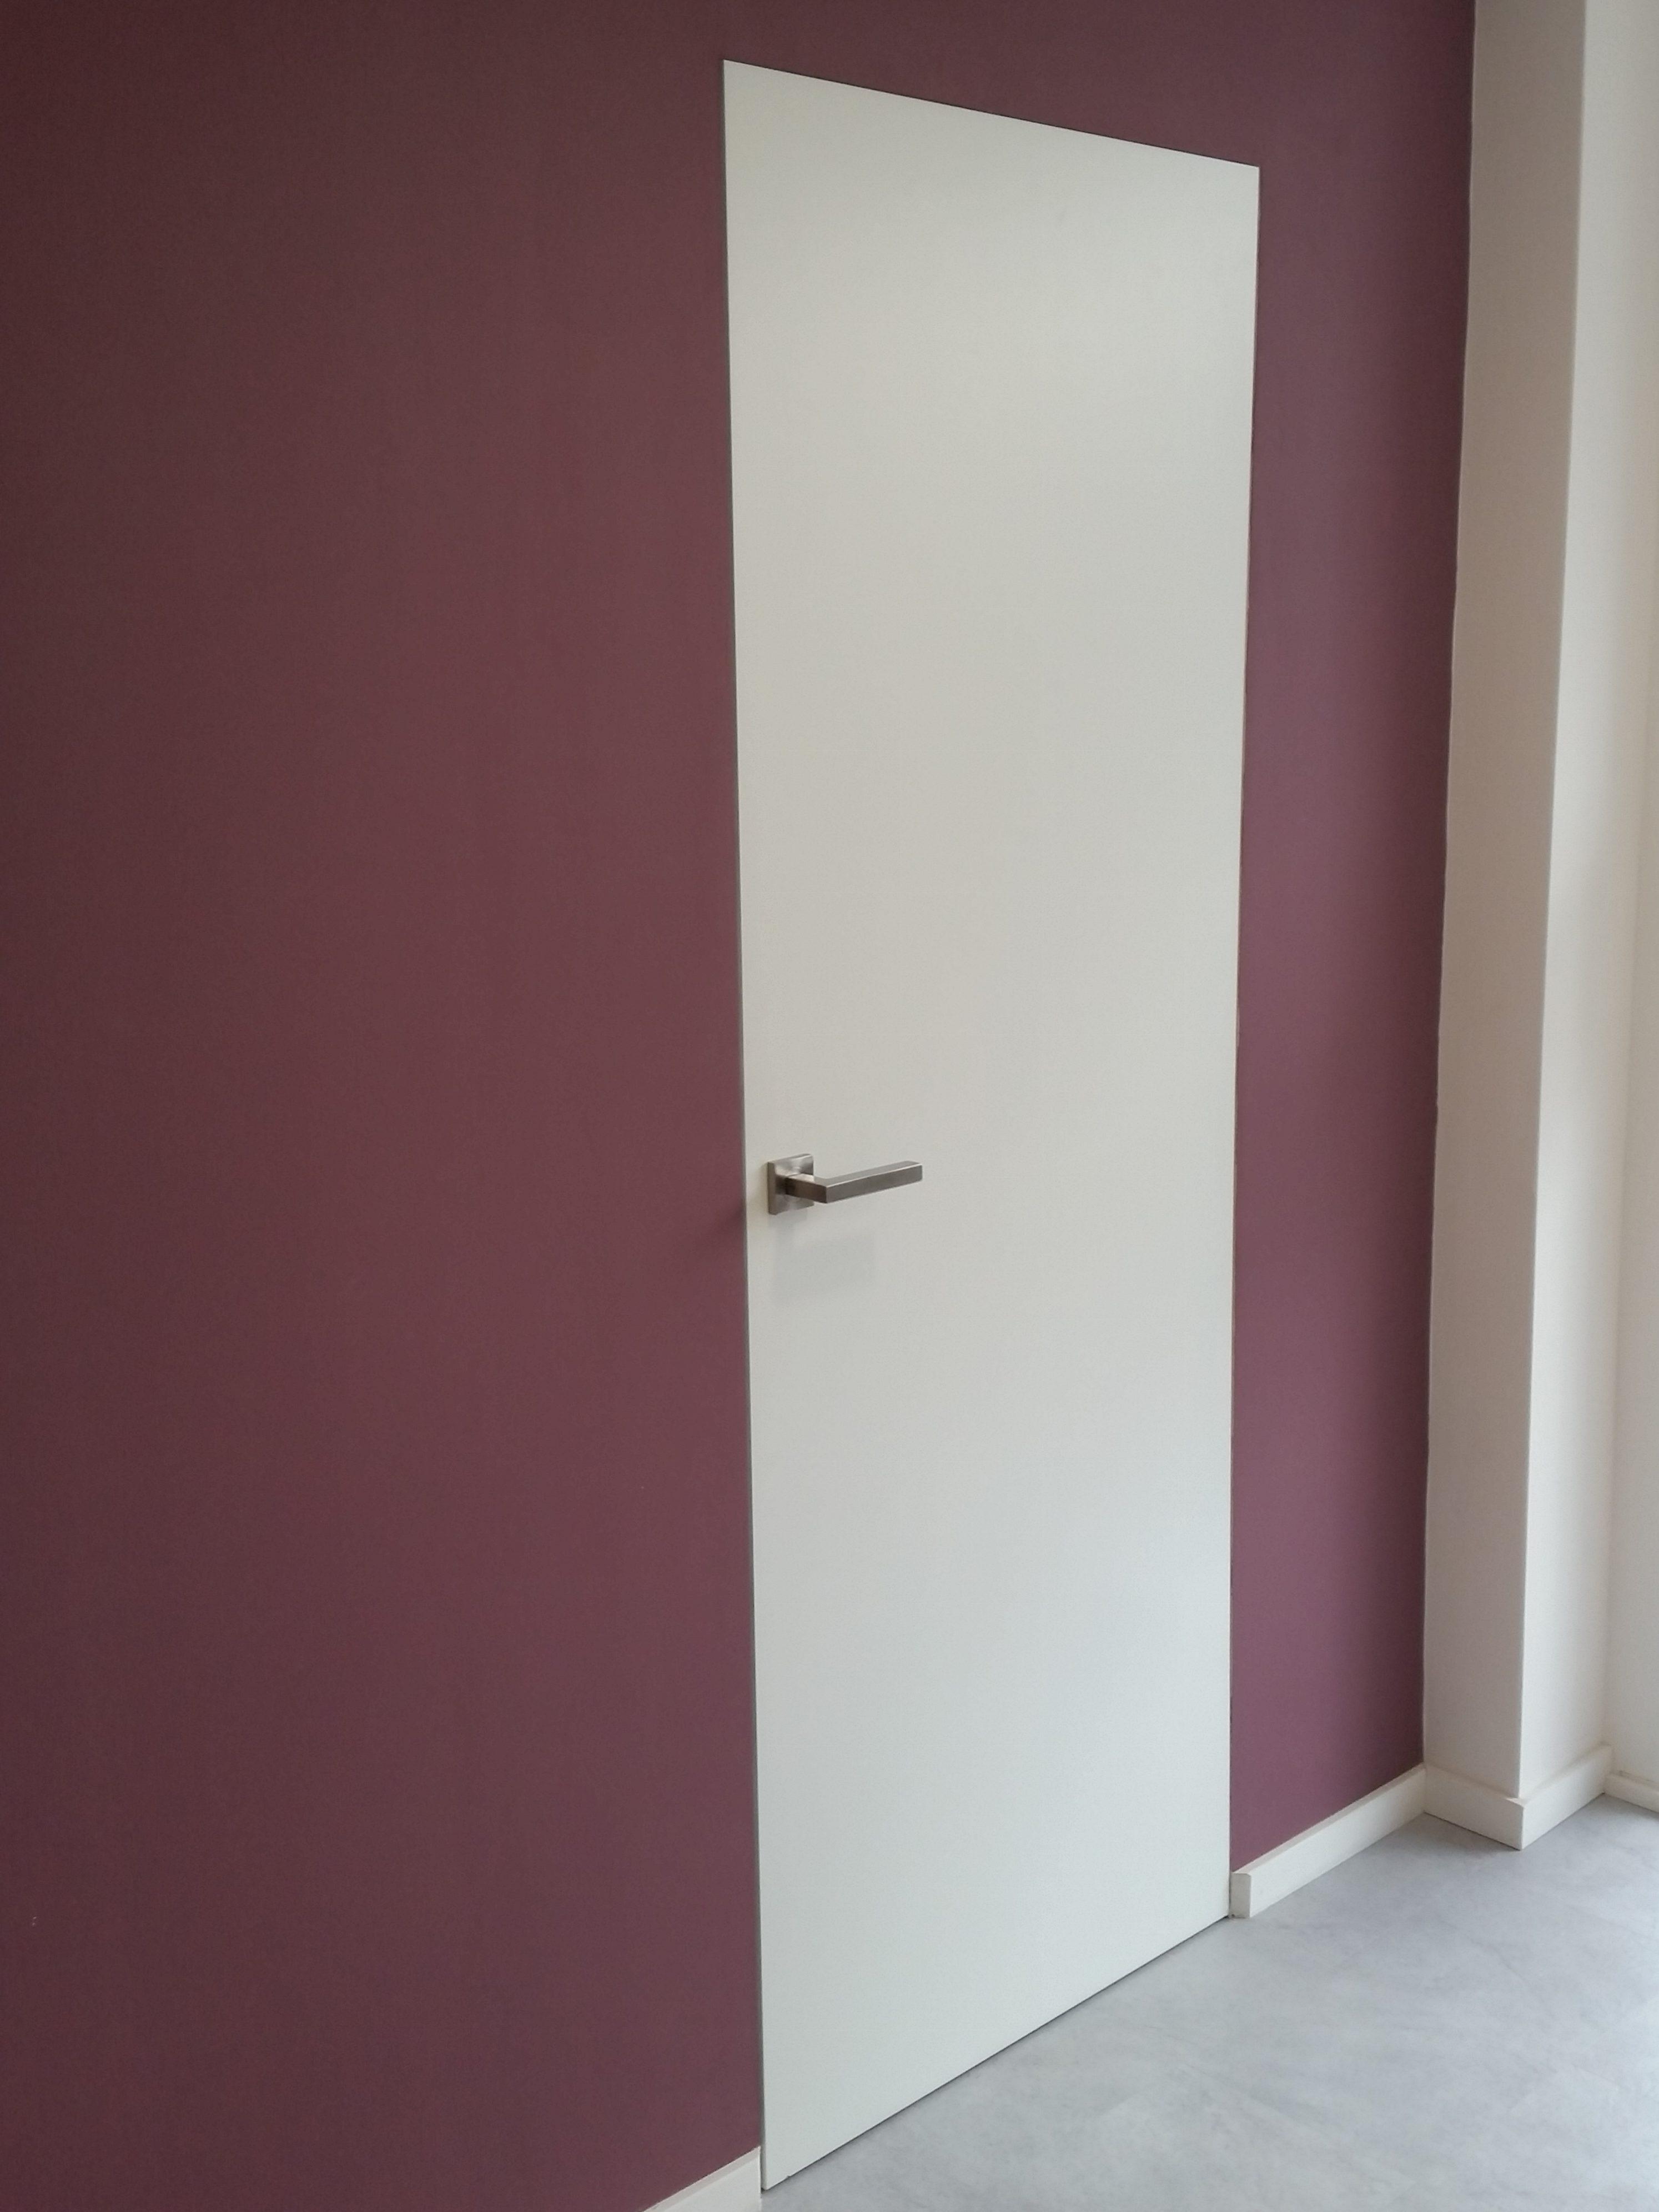 Porte affleurante et invisible willemann bitsch for Porte interieur isophonique